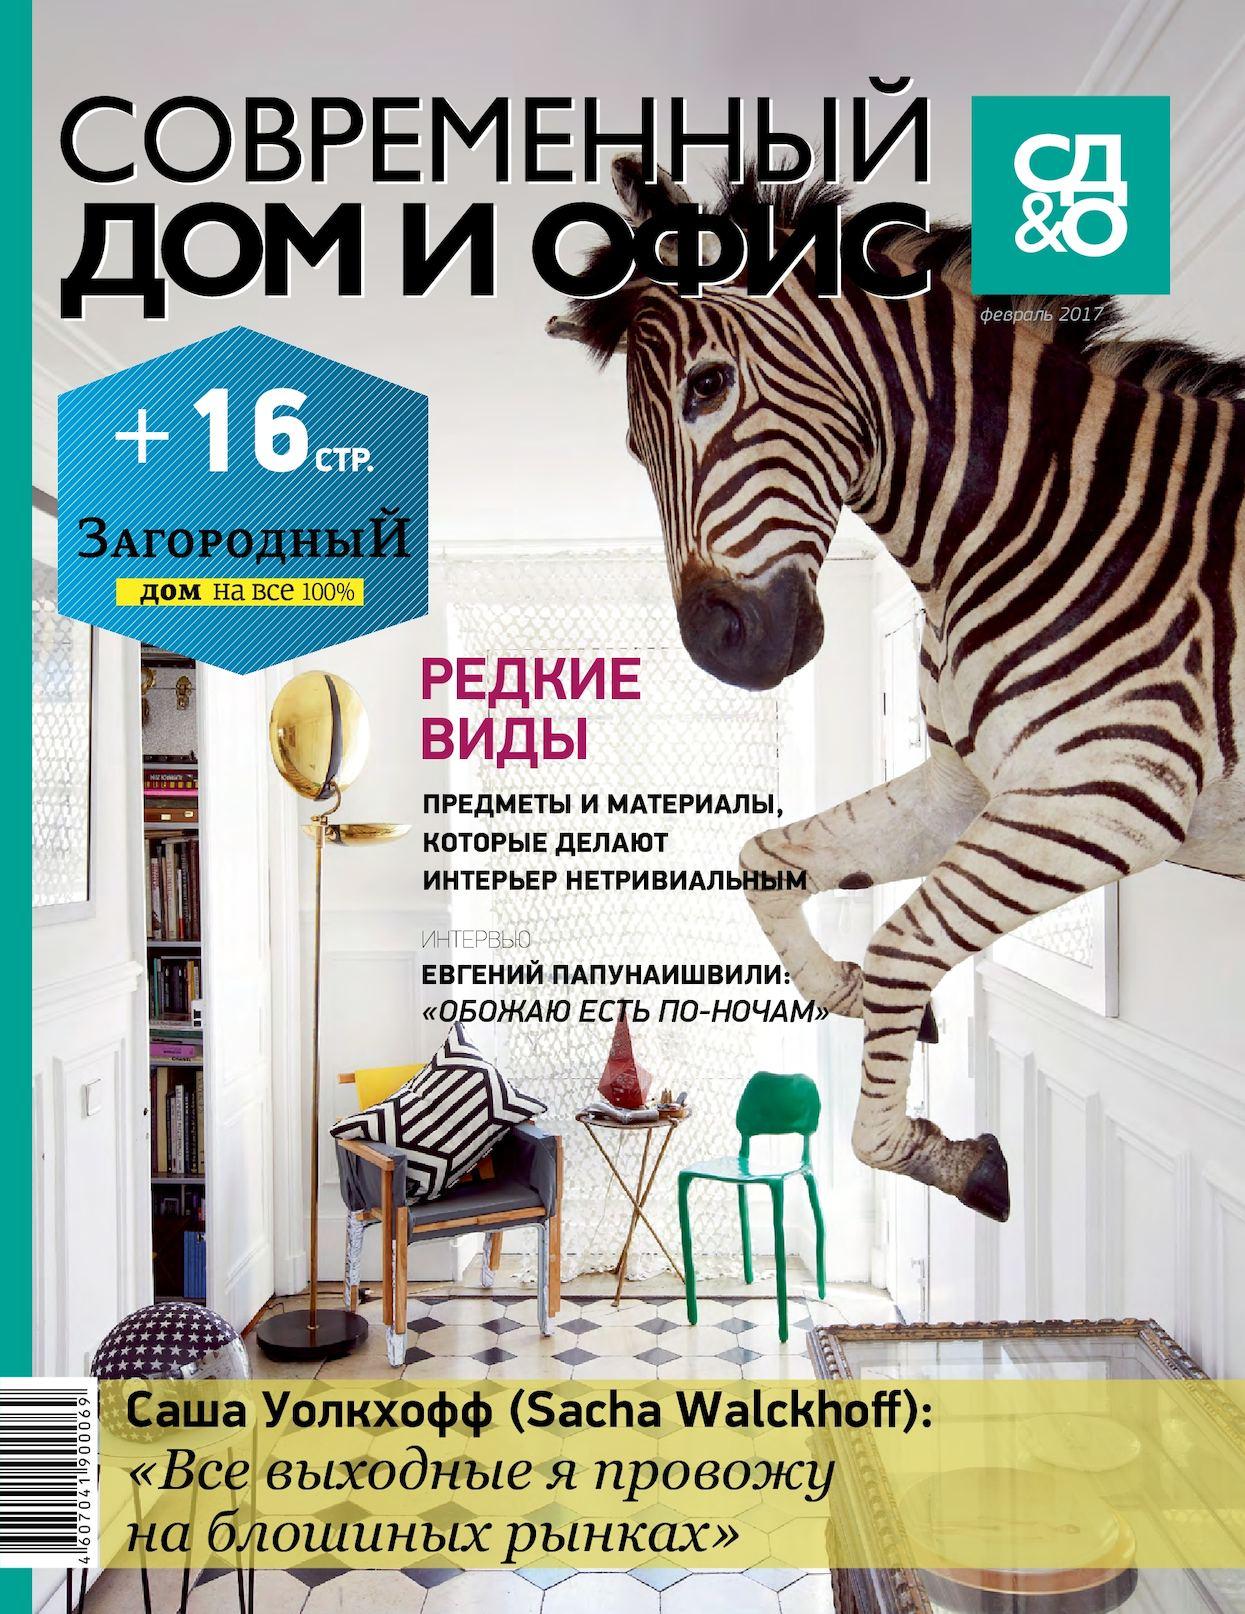 """СОВРЕМЕННЫЙ ДОМ И ОФИС. """"ФЕВРАЛЬ'17"""""""